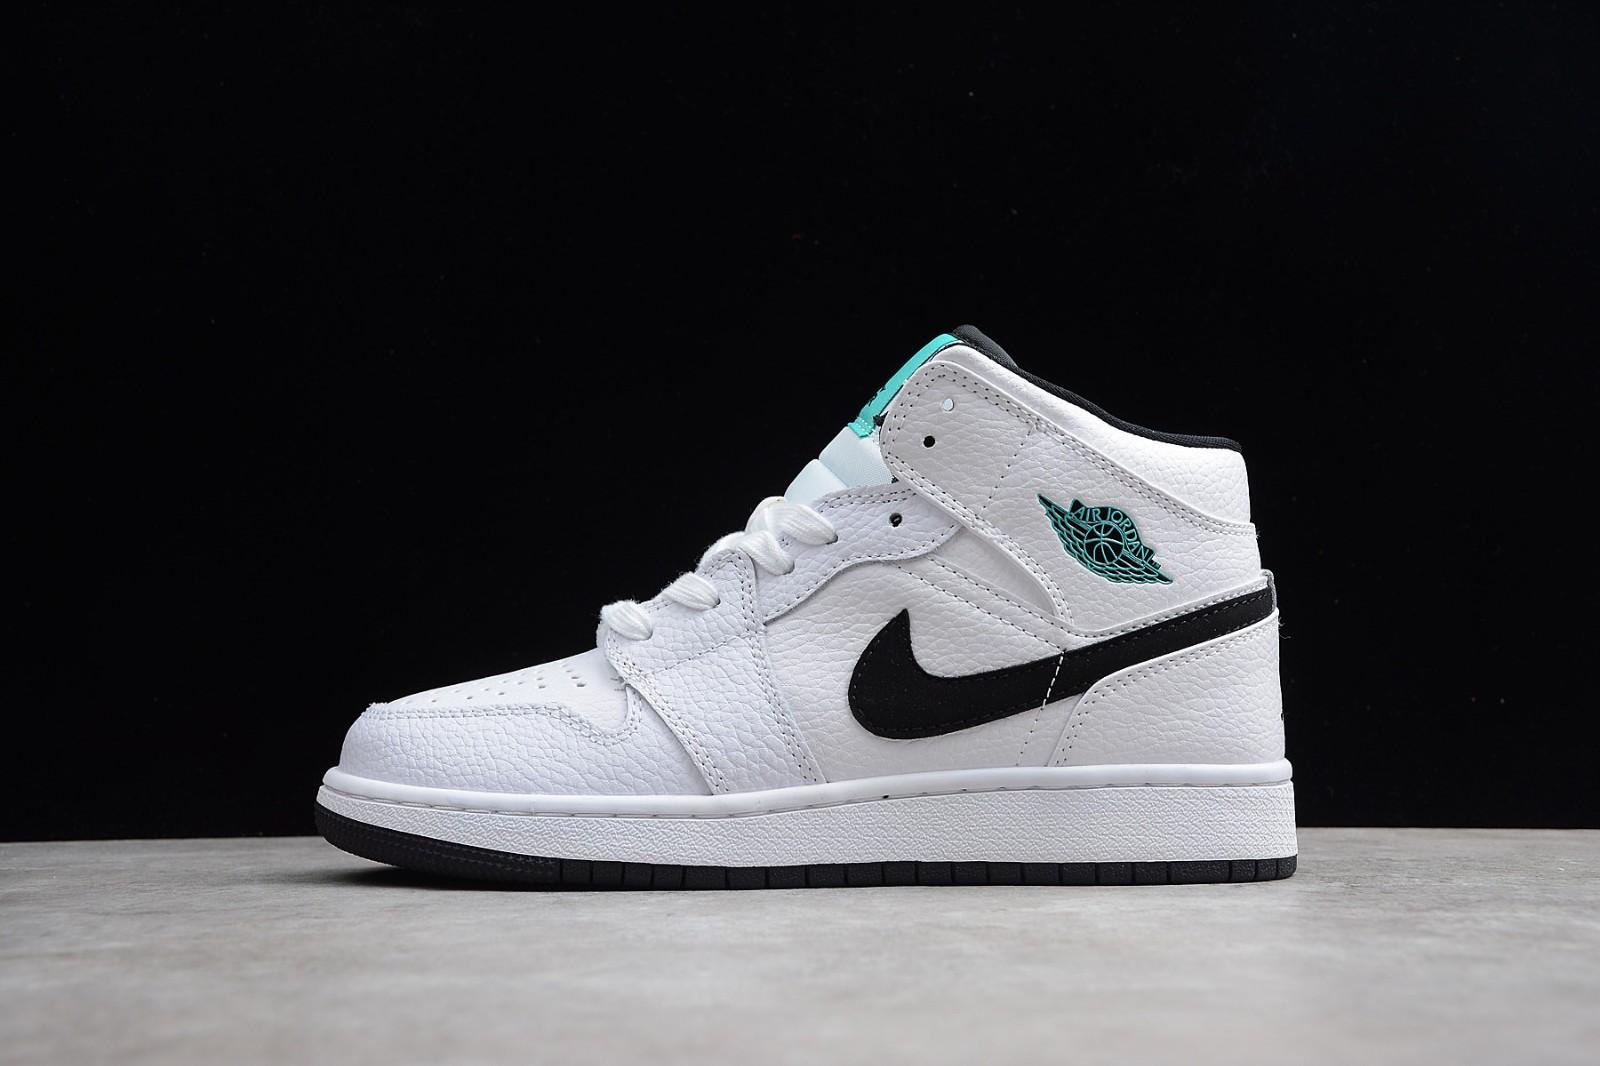 30c78a9a79db Prev Nike Air Jordan 1 Mid GS Hyper Jade AJ1 Black White Green 554725-122